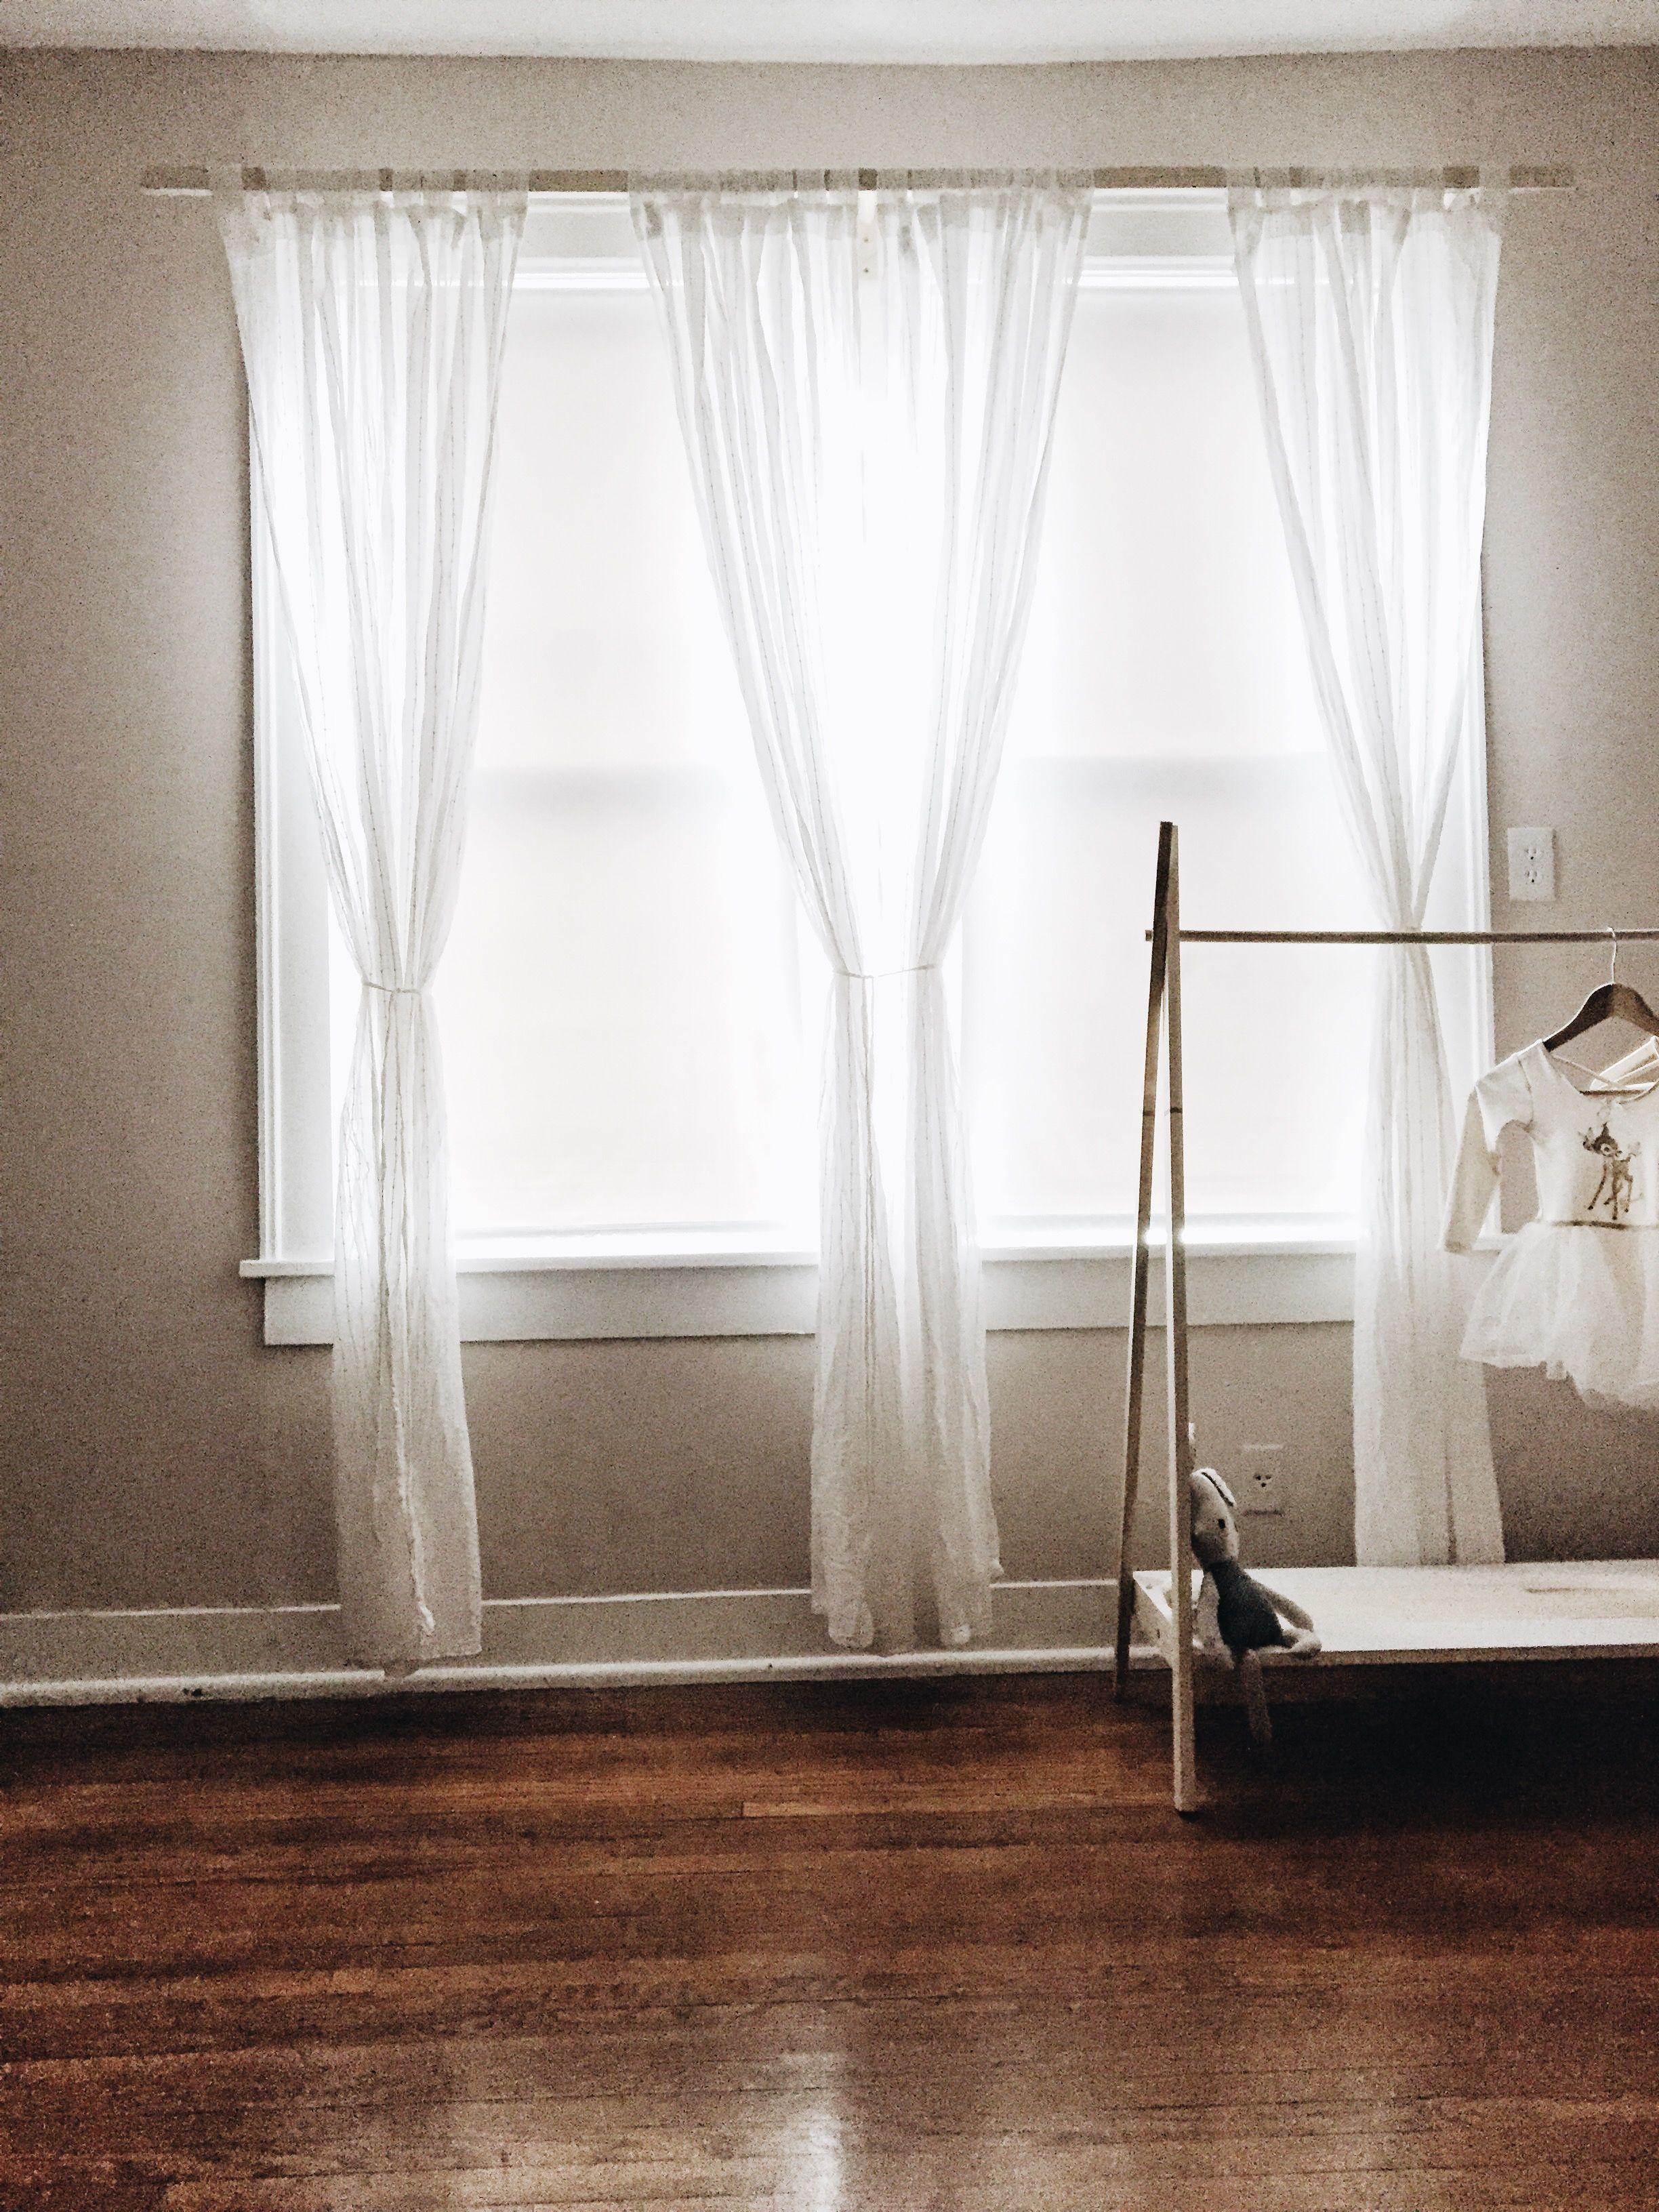 1 X 2 Dowel Curtain Rod Brackets Curtain Rod Brackets Curtains Home